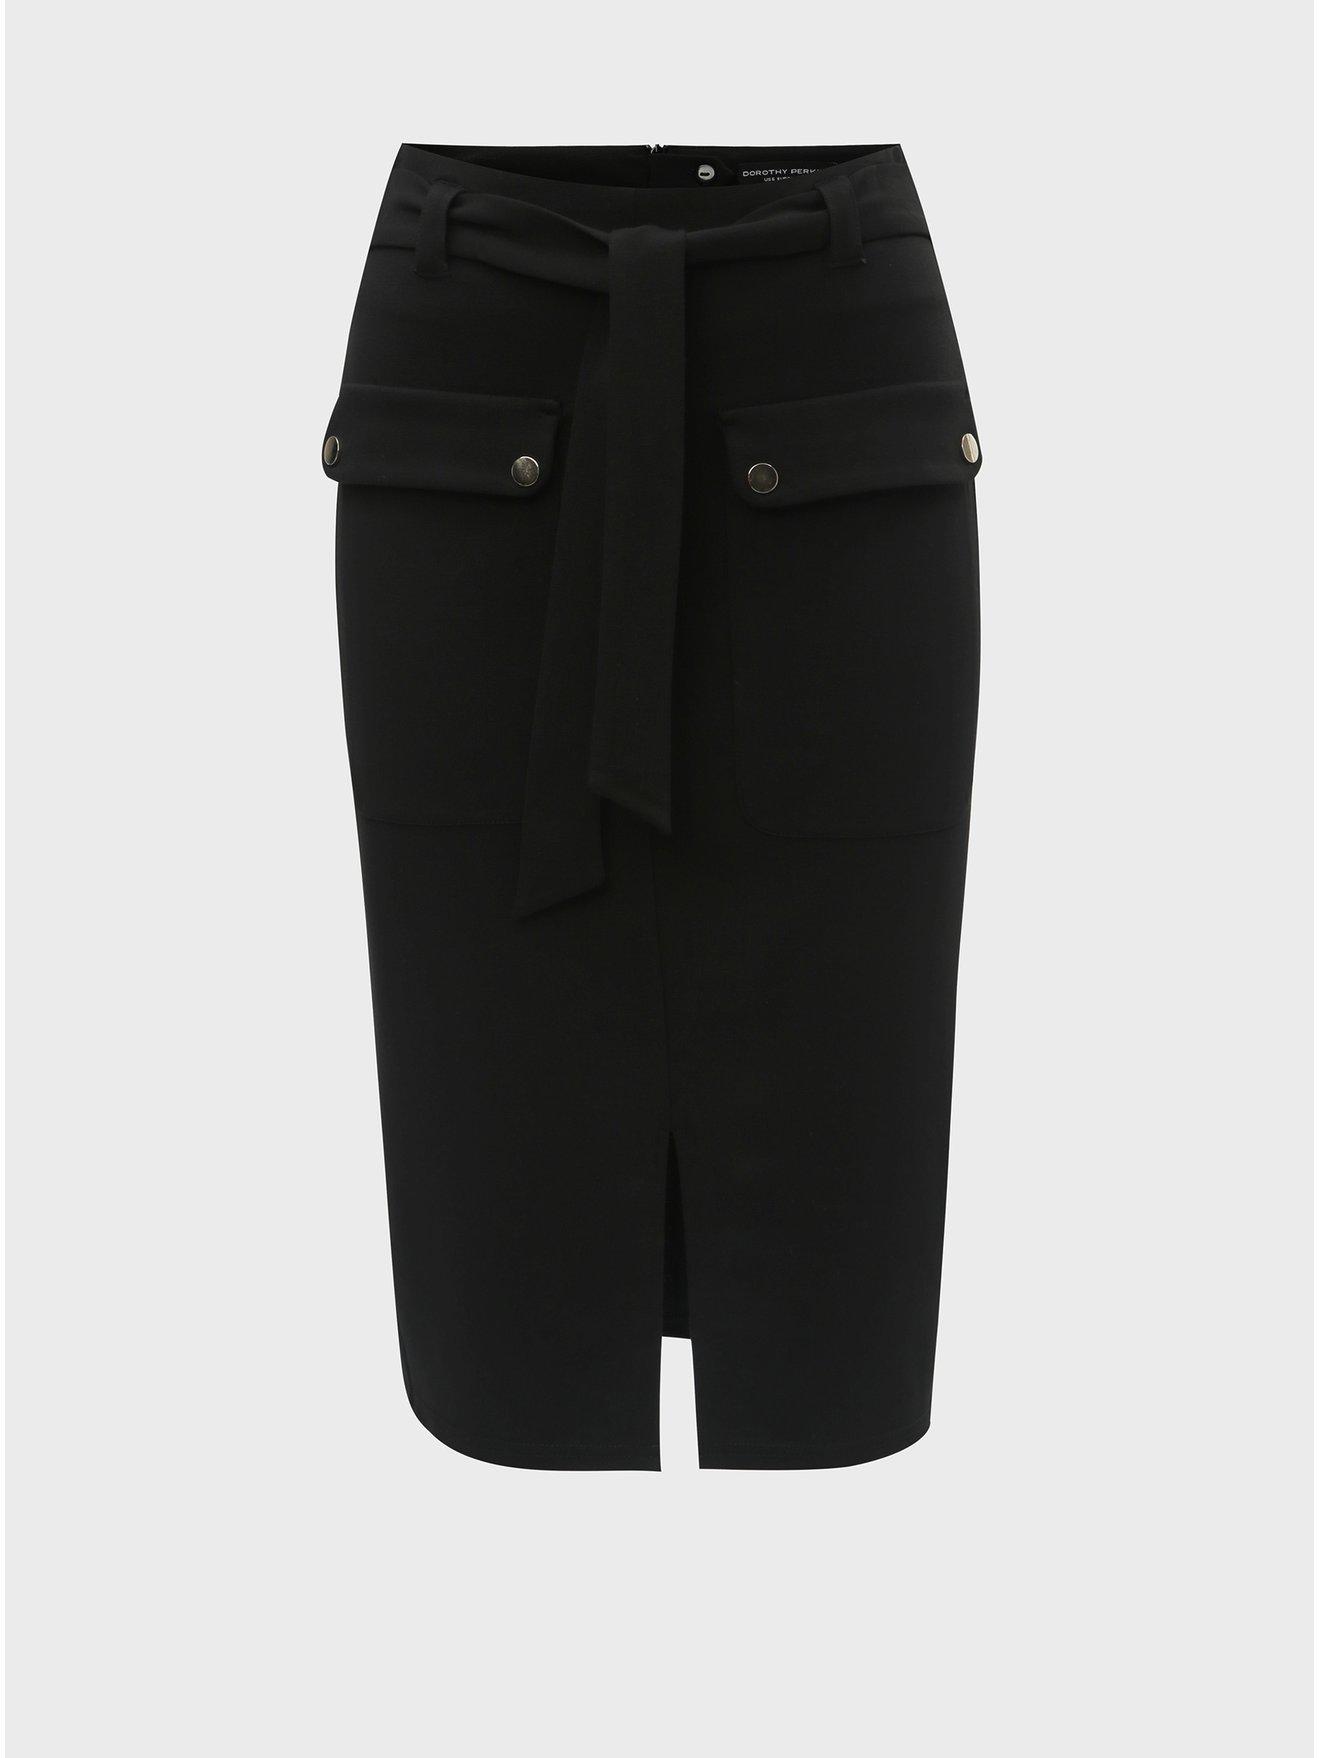 Černá pouzdrová sukně s kapsami Dorothy Perkins f4ff3dda67